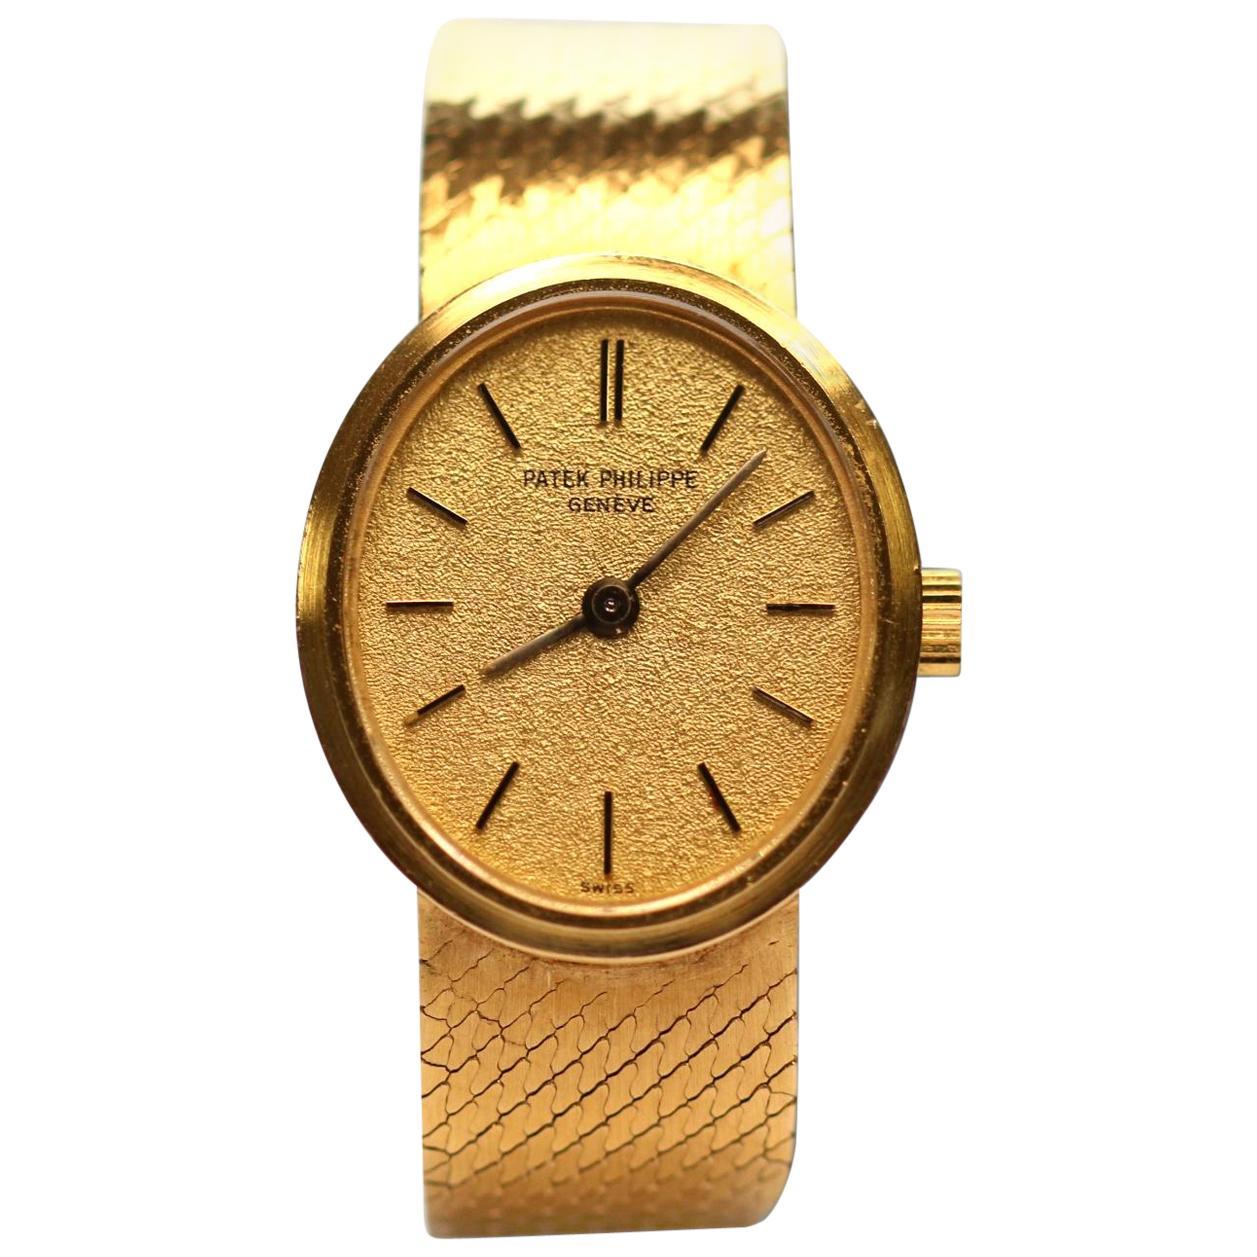 18 Karat Yellow Gold Patek Philippe Ladies Wristwatch